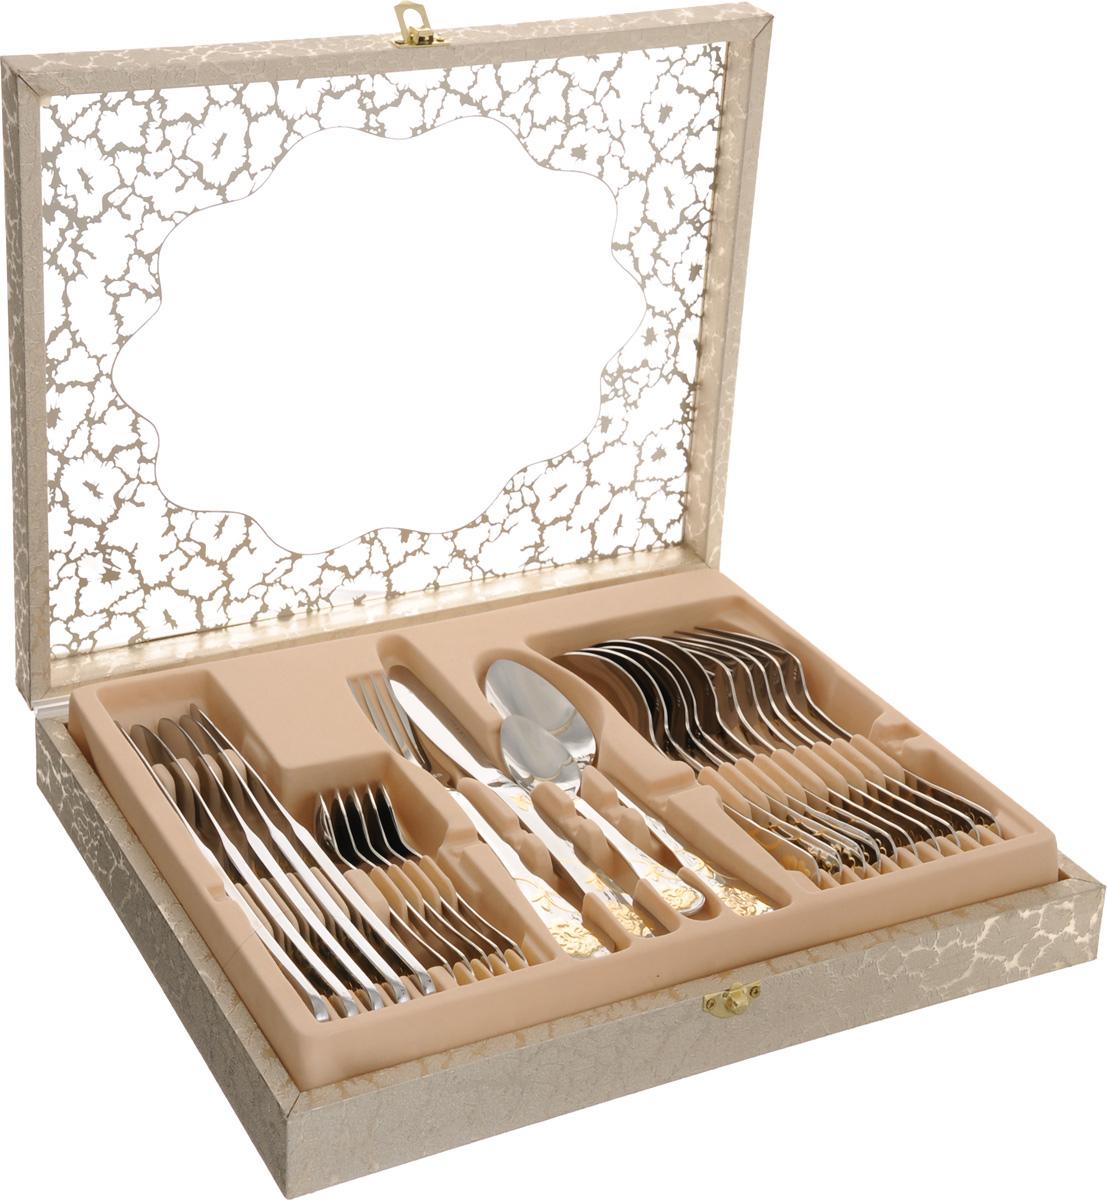 Набор столовых приборов Mayer&Boch, 24 предмета. 2335223352Набор Mayer & Boch состоит из 24 предметов: 6 столовых ножей, 6 столовых ложек, 6 вилок и 6 чайных ложек. Приборы выполнены из высококачественной нержавеющей стали 18/10. Ручки приборов украшены золотистым рельефным рисунком и зеркальной полировкой. Прекрасное сочетание контрастного дизайна и удобство использования изделий придется по душе каждому. Набор столовых приборов Mayer & Boch подойдет для сервировки стола как дома, так и на даче и всегда будет важной частью трапезы, а также станет замечательным подарком. Длина ножа: 23 см. Длина лезвия ножа: 6,5 см. Длина столовой ложки: 20,5 см. Размер рабочей части столовой ложки: 6,5 х 4,5 см. Длина вилки: 20,5 см. Размер рабочей части вилки: 5 х 2,5 см. Длина чайной ложки: 14,5 см. Размер рабочей части чайной ложки: 4,5 х 3 см.